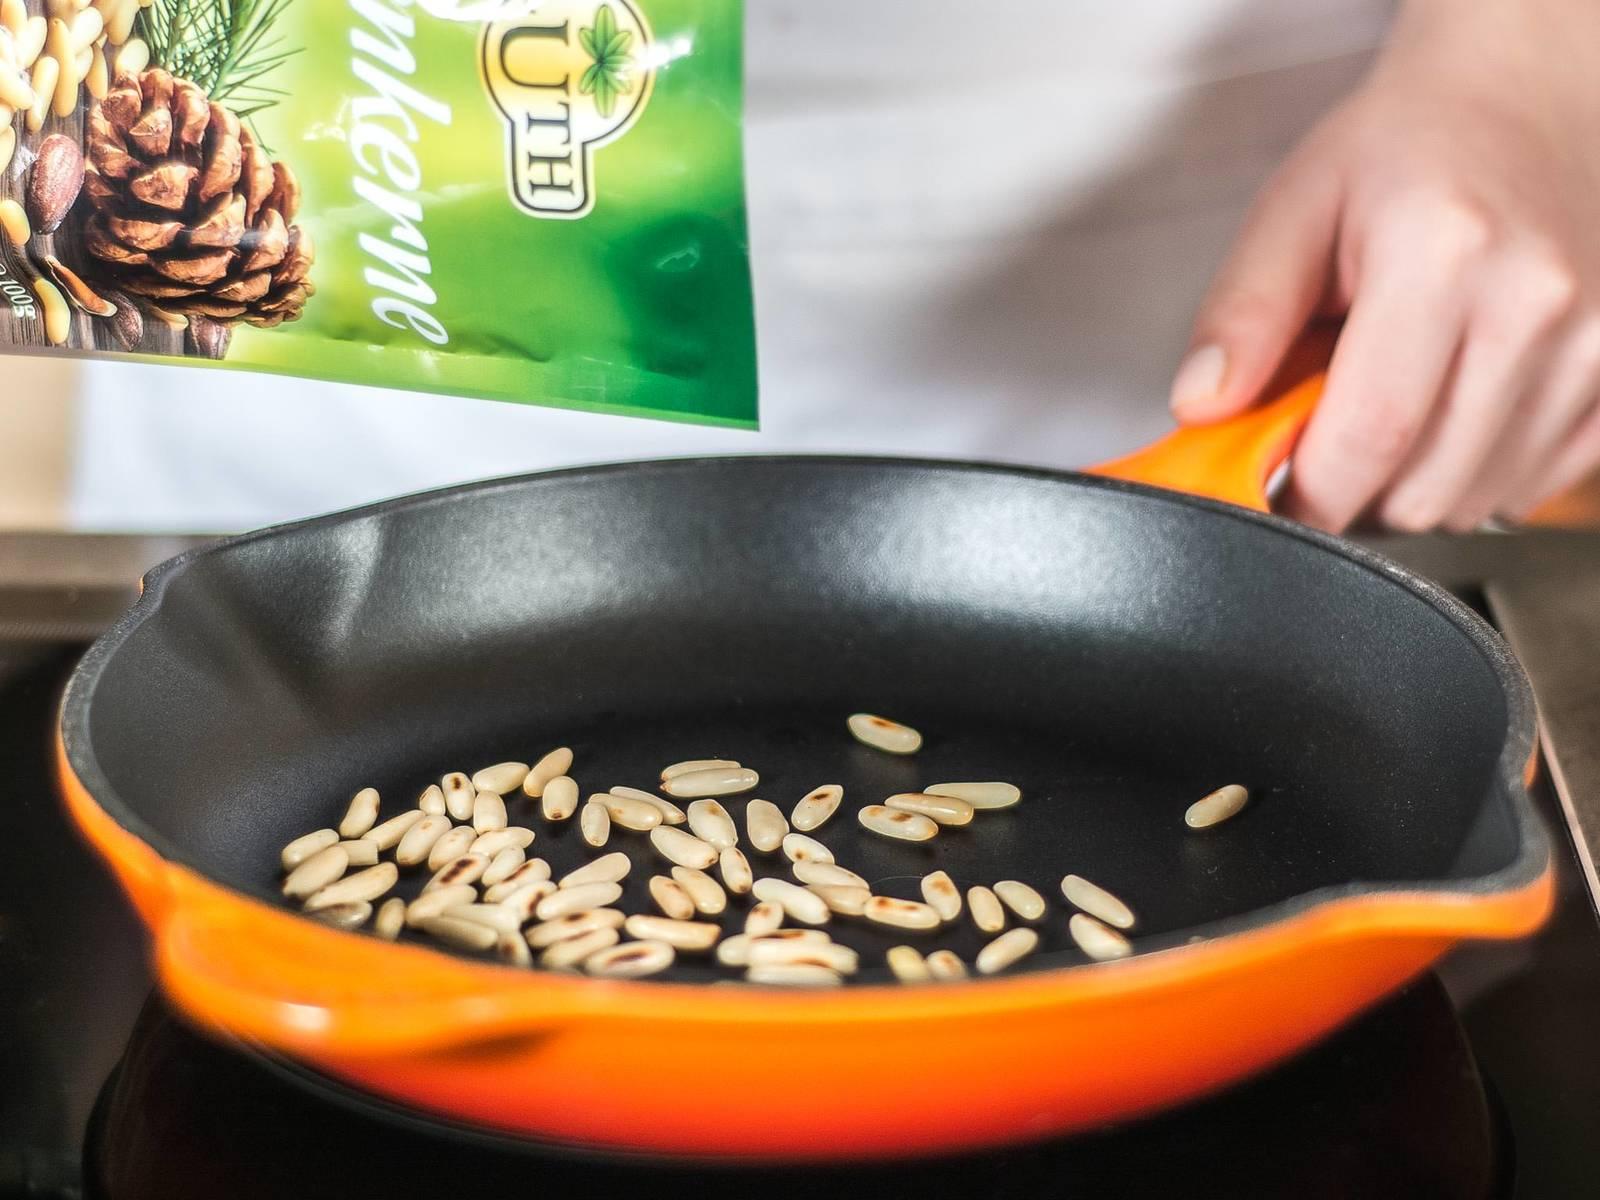 将松子仁在小平底锅中烘熟。清洗沙拉菜,甩干水分。最好使用沙拉菜甩干器。